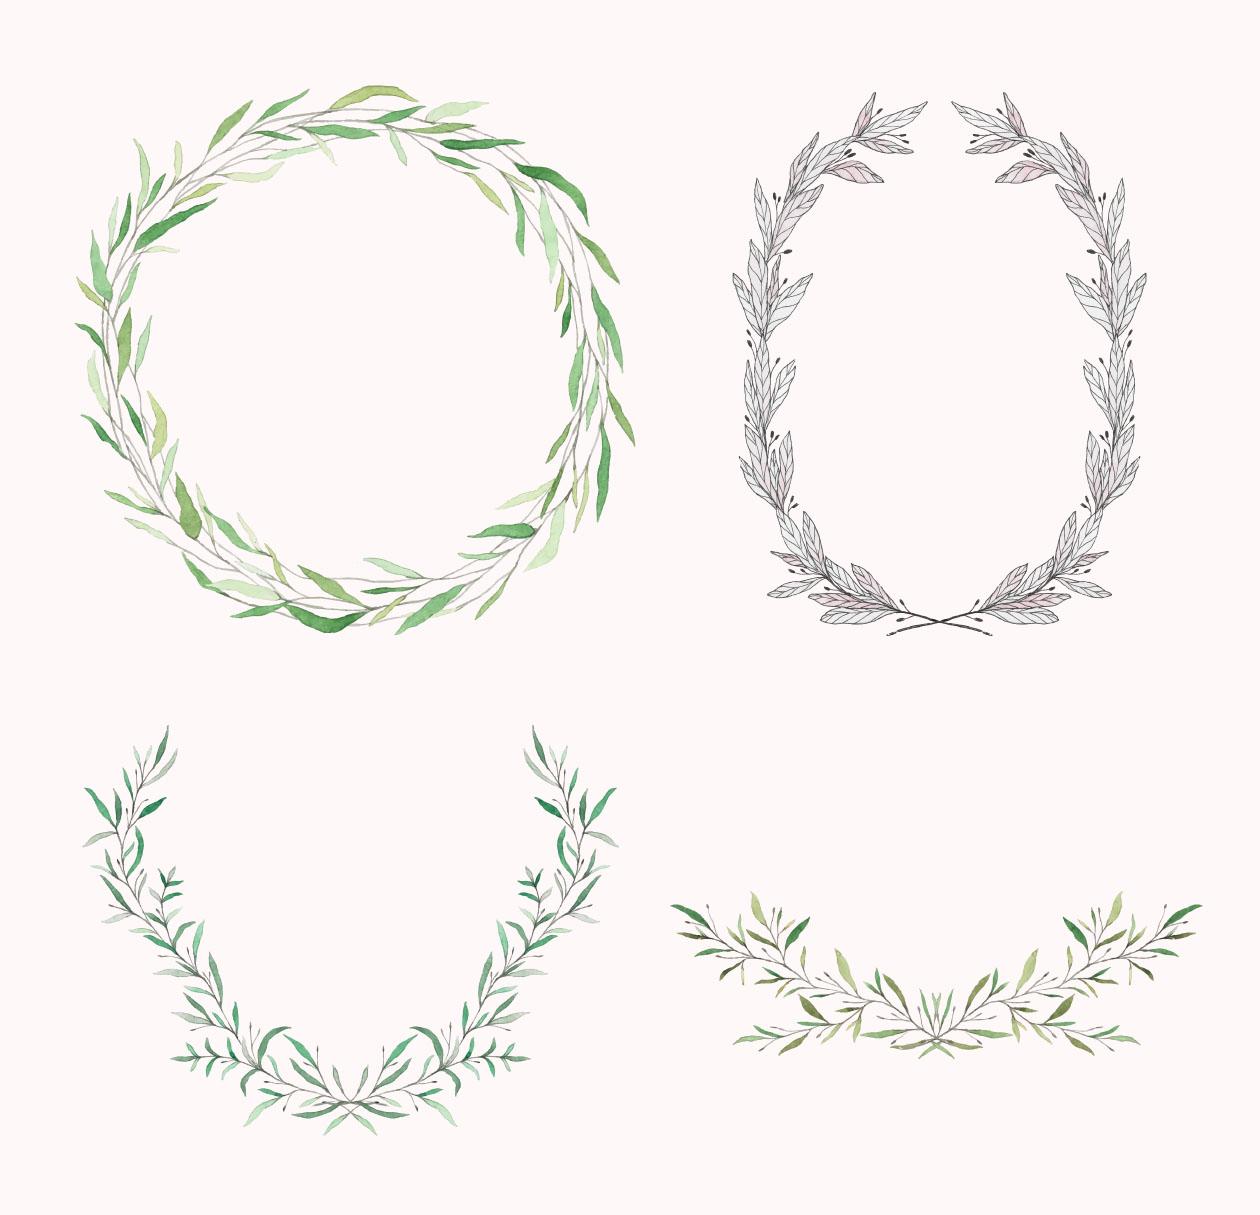 精美手绘花卉橄榄枝婚礼元素矢量素材包 The Ultimate Wedding Design Pack插图(5)